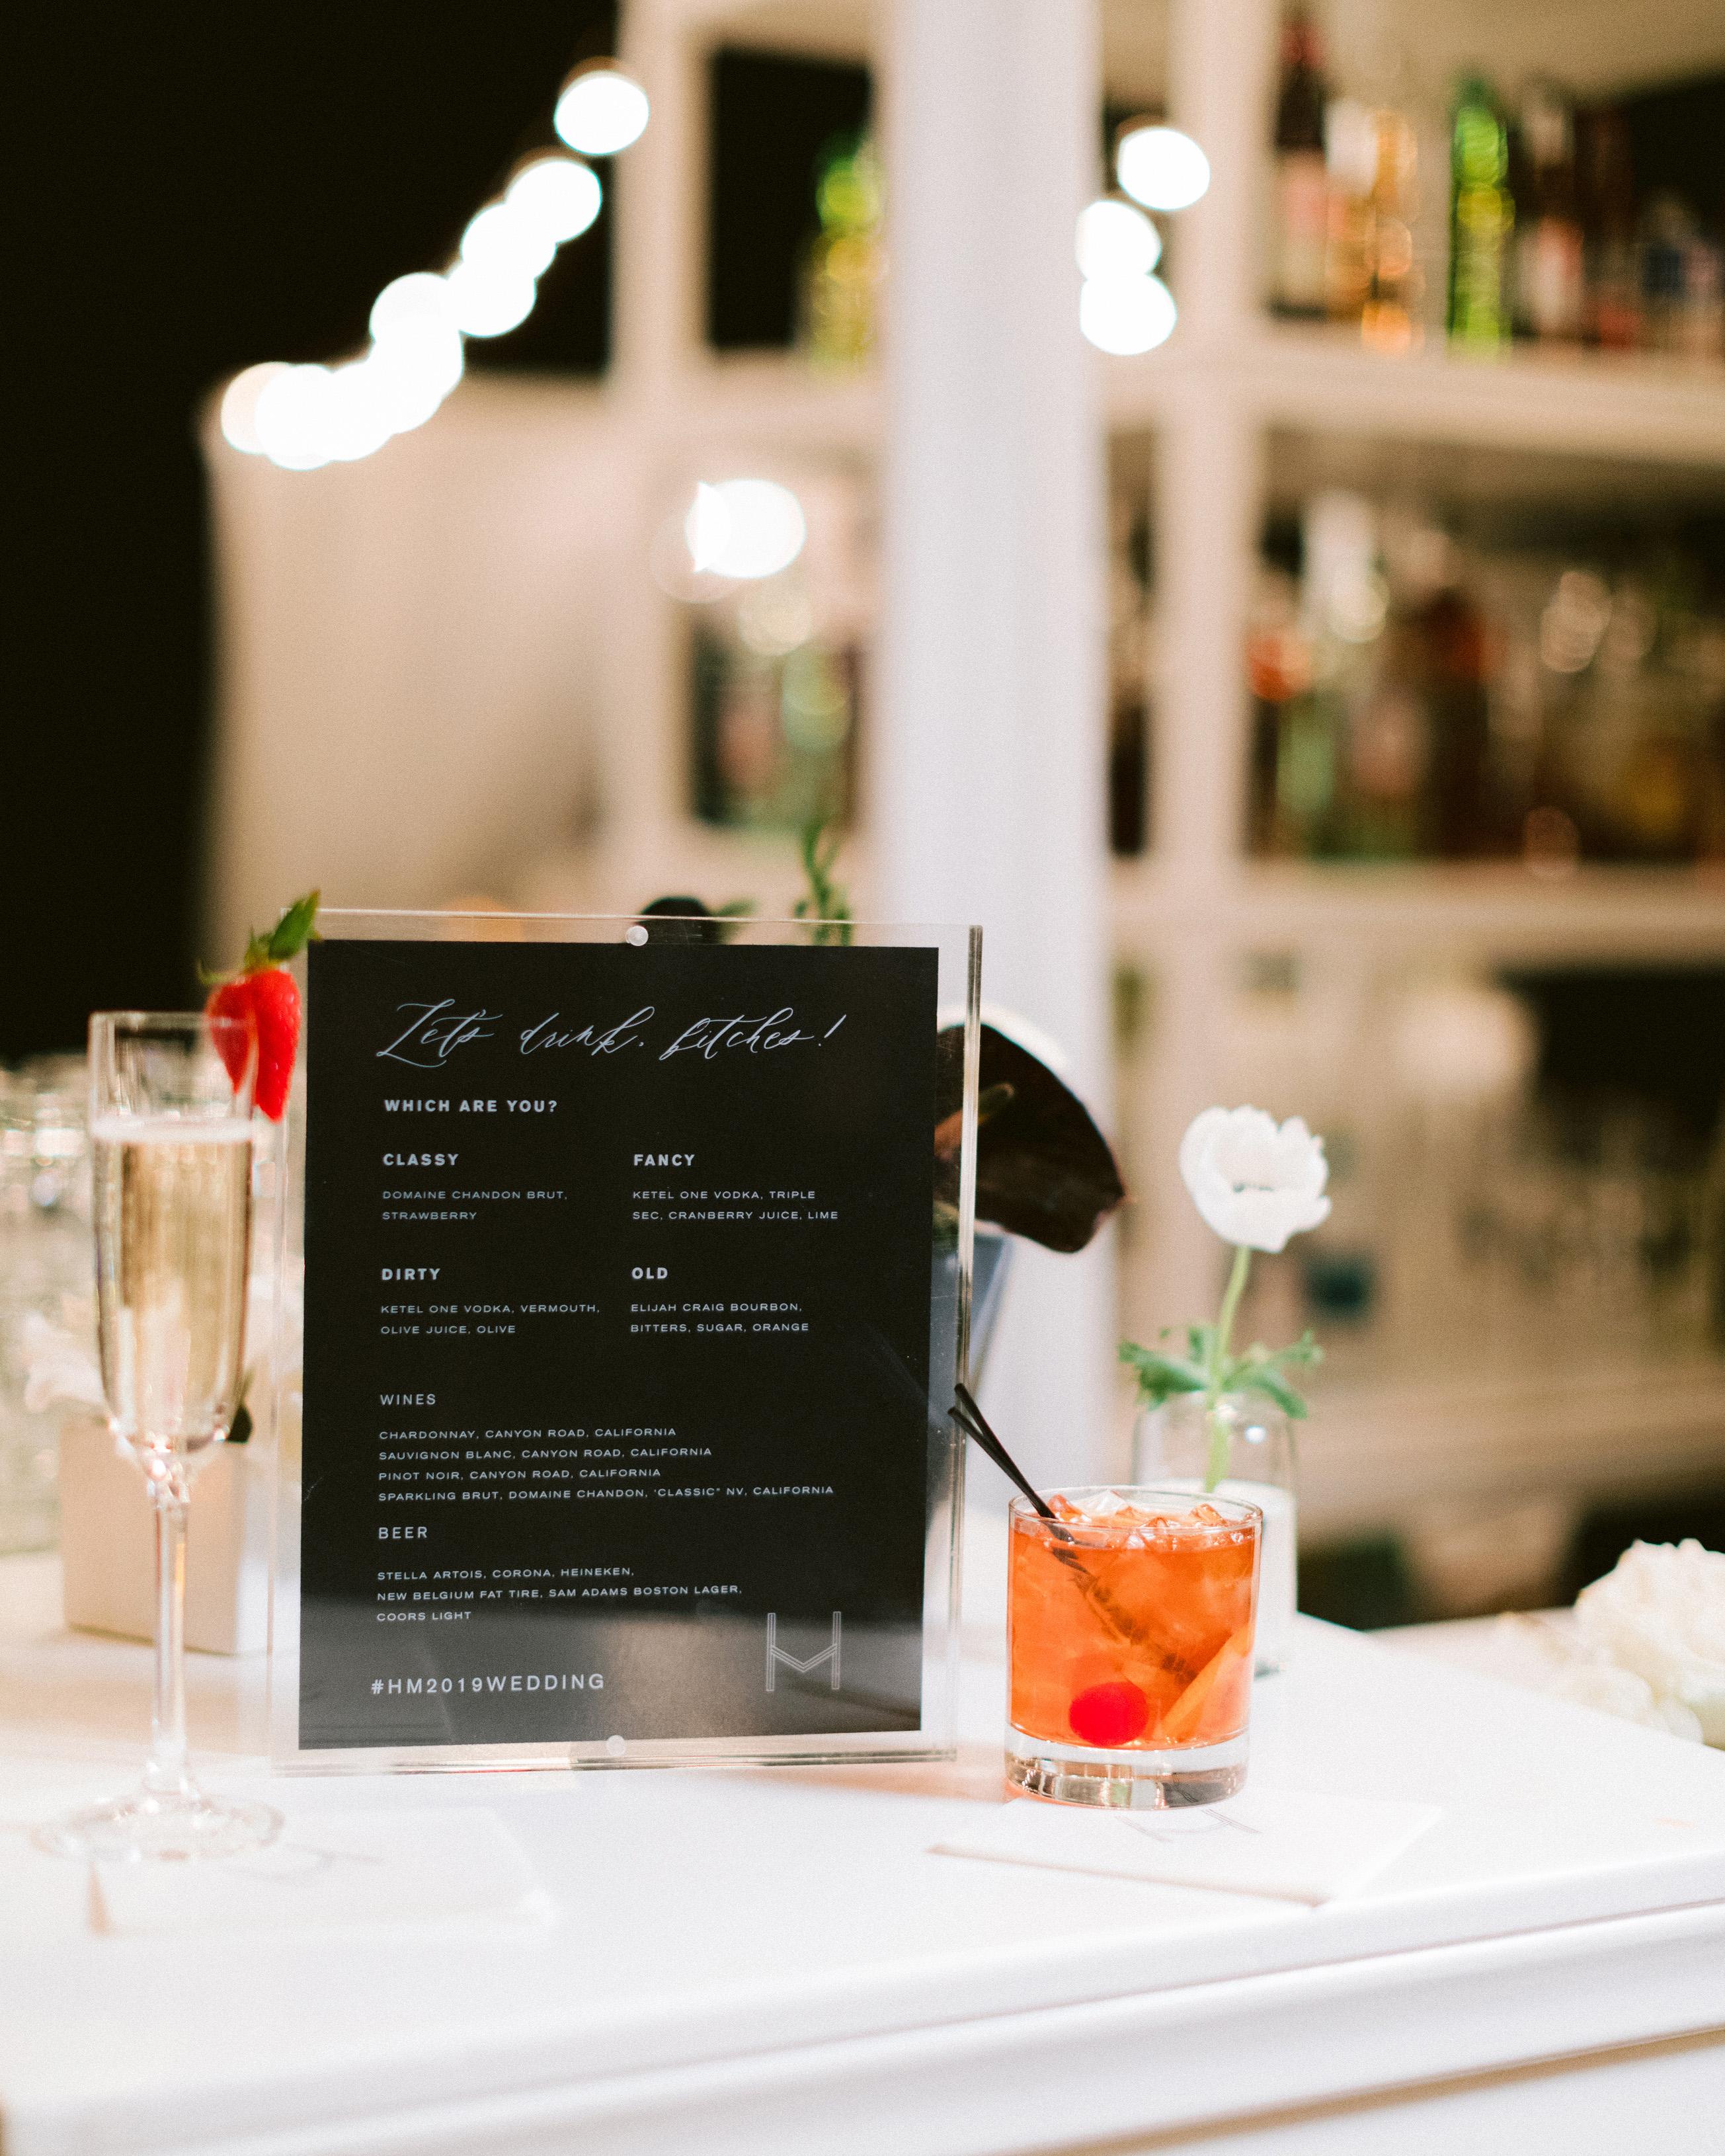 henery michael wedding bar menu